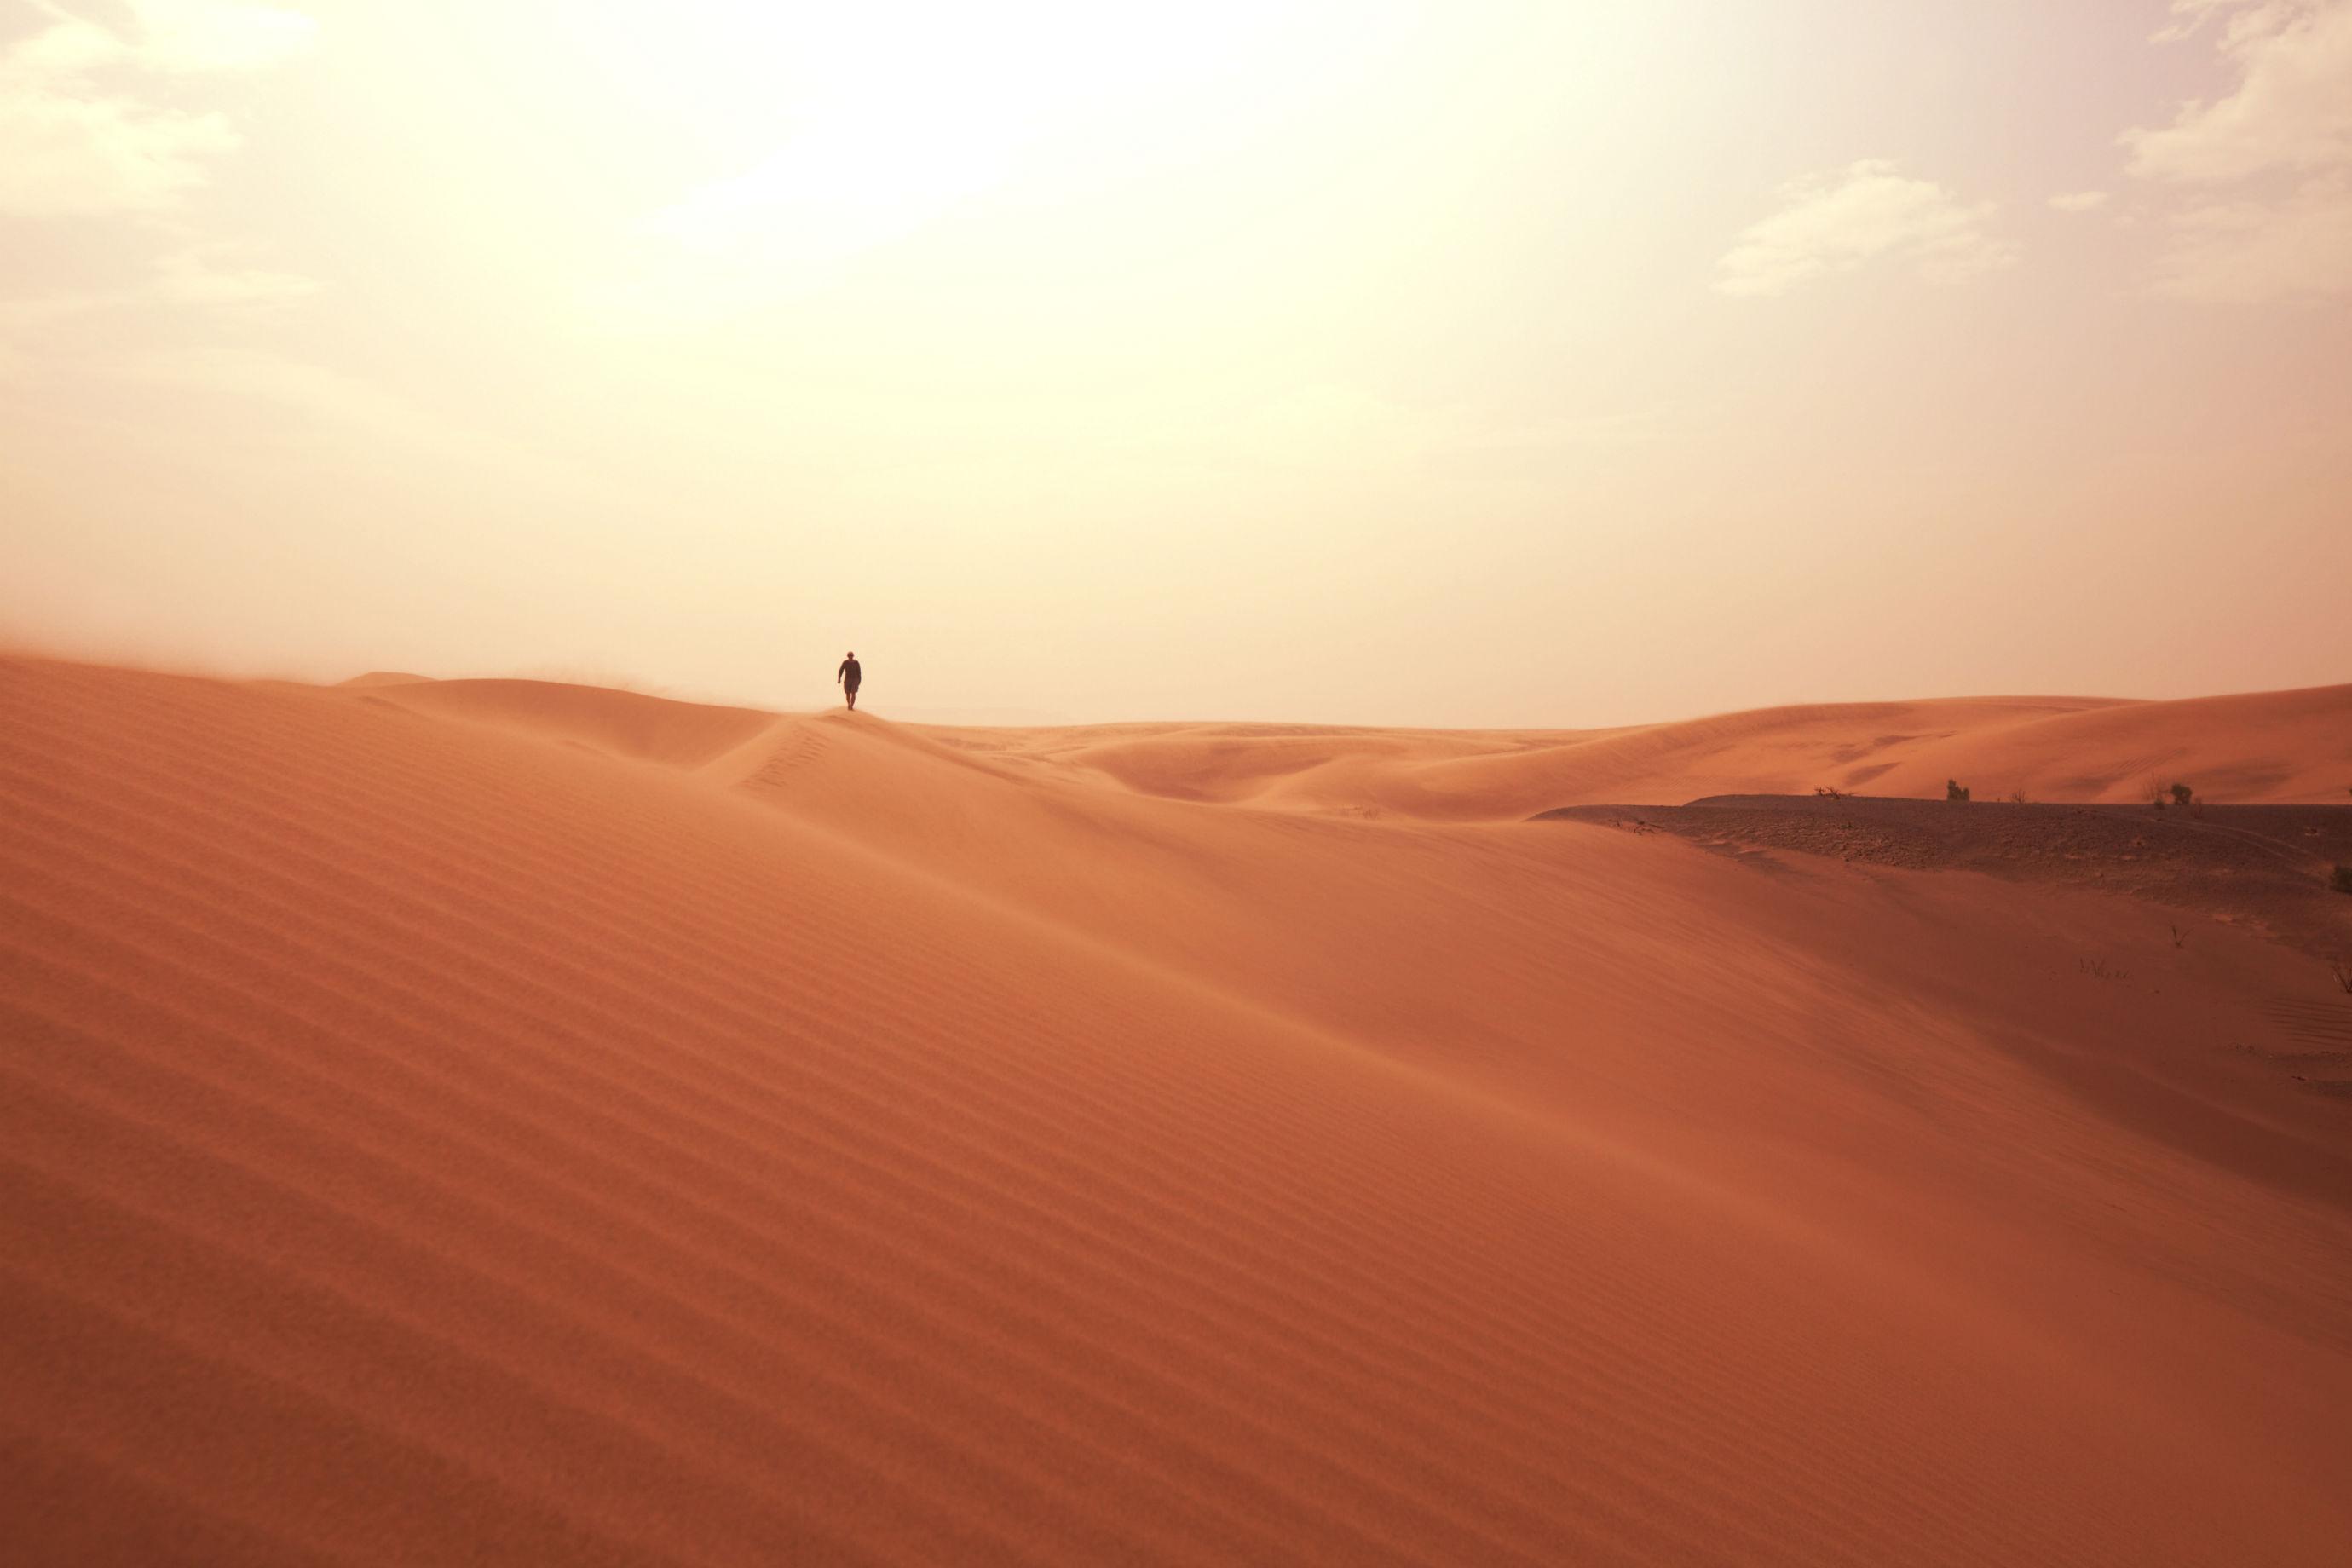 man-walking-through-desert-web.jpg